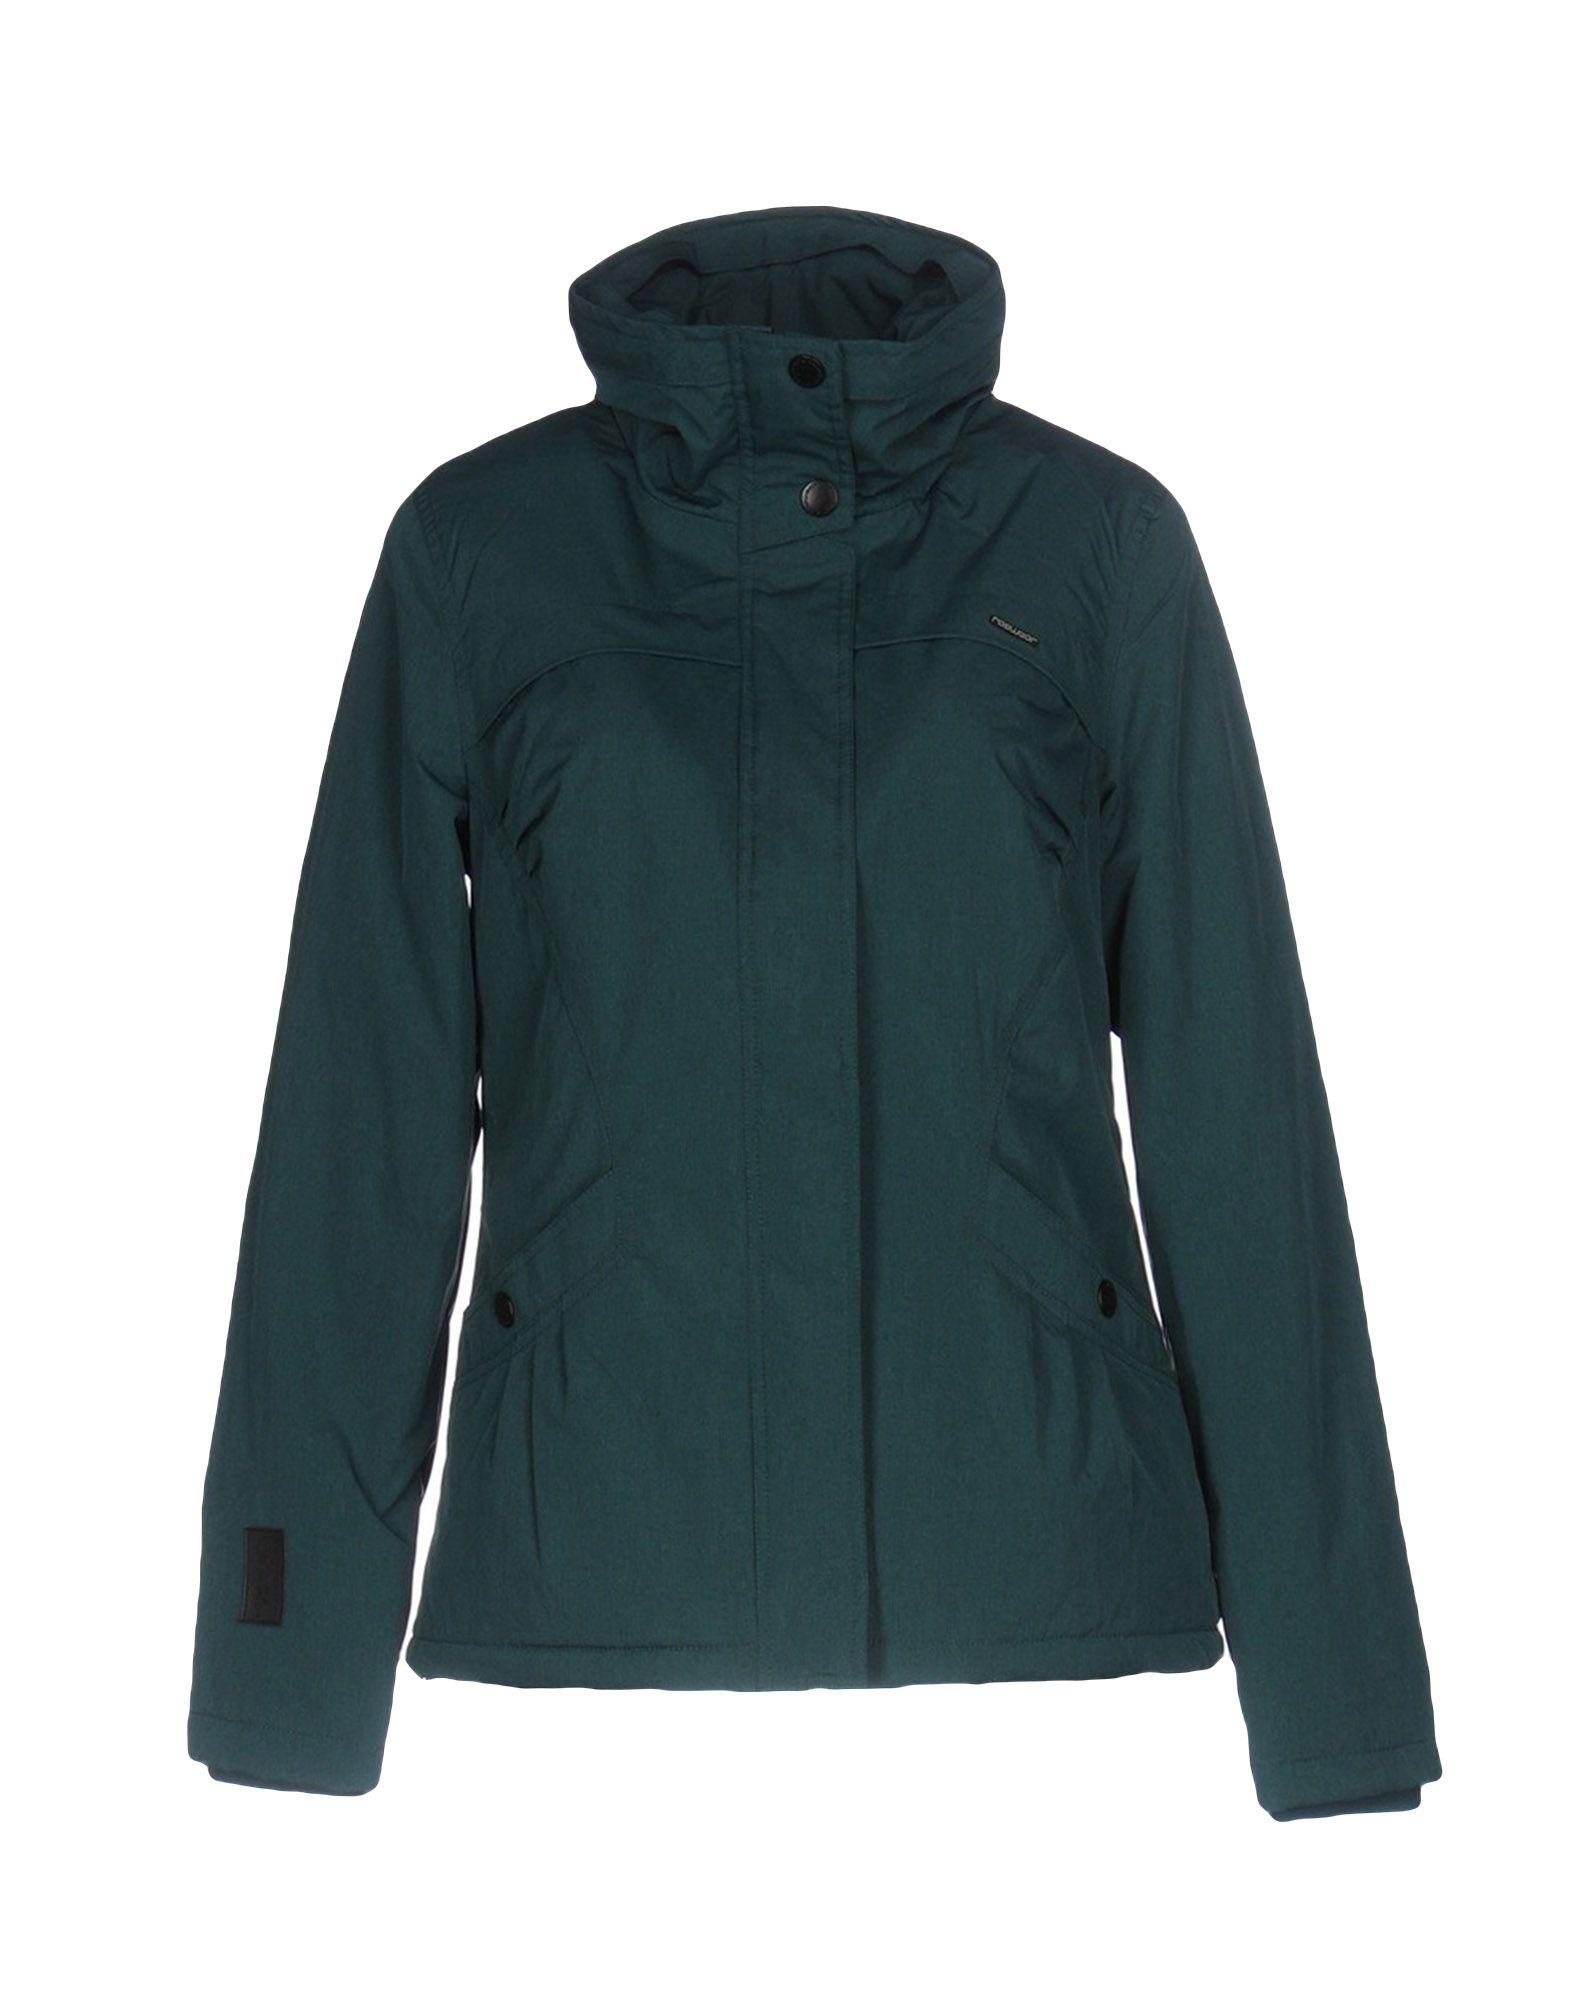 RAGWEAR Damen Jacke Farbe Grün Größe 4